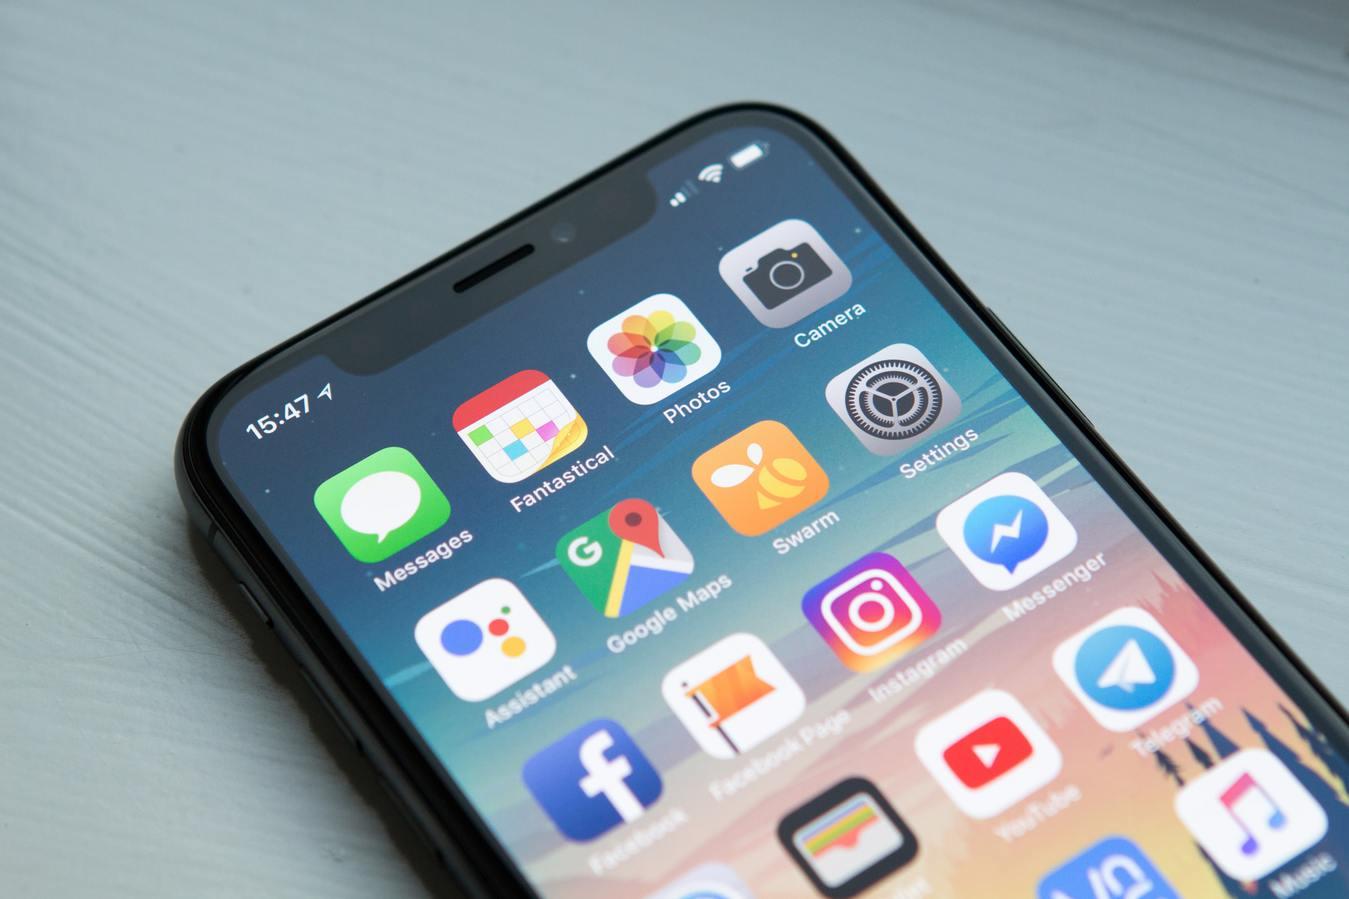 Tela de celular mostrando lista de aplicativos